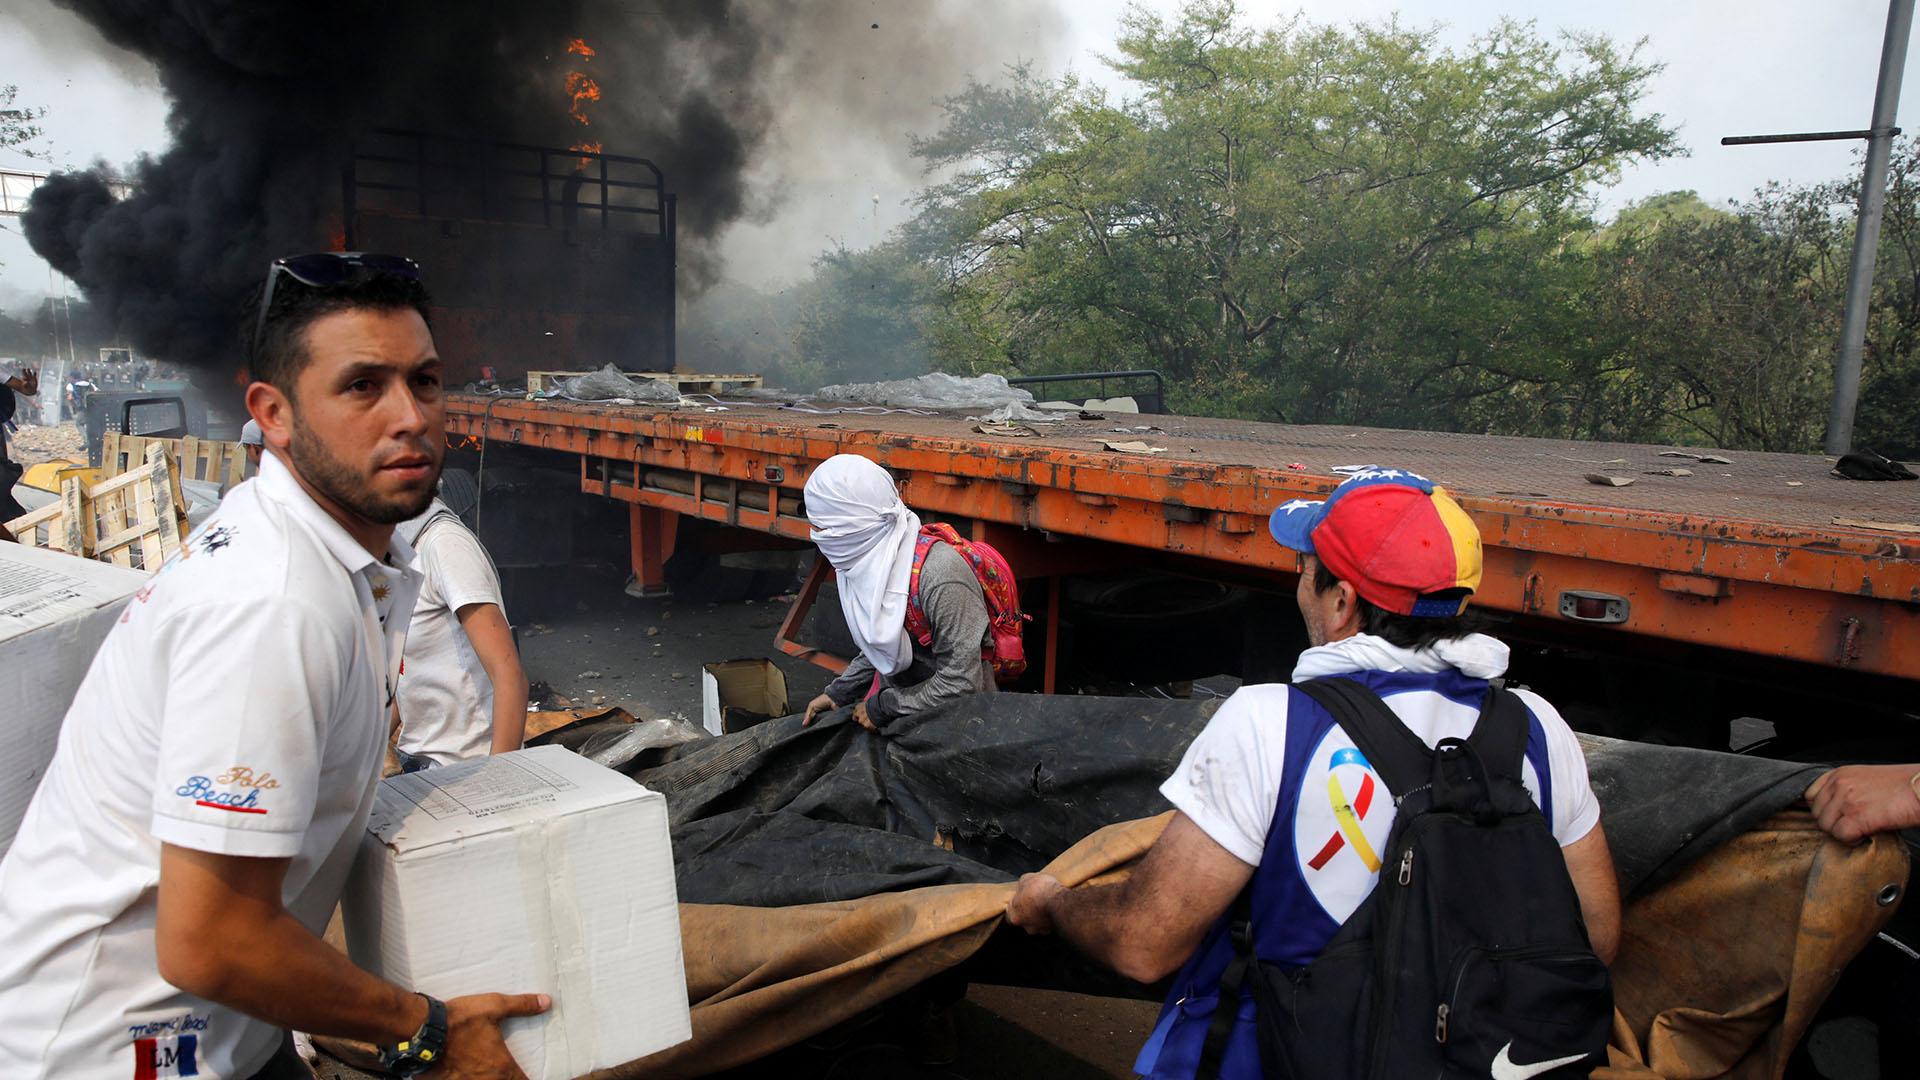 En Cúcuta, venezolanos ayudan a descargar la ayuda humanitaria para intentar cruzarla al otro lado de la frontera (Reuters)